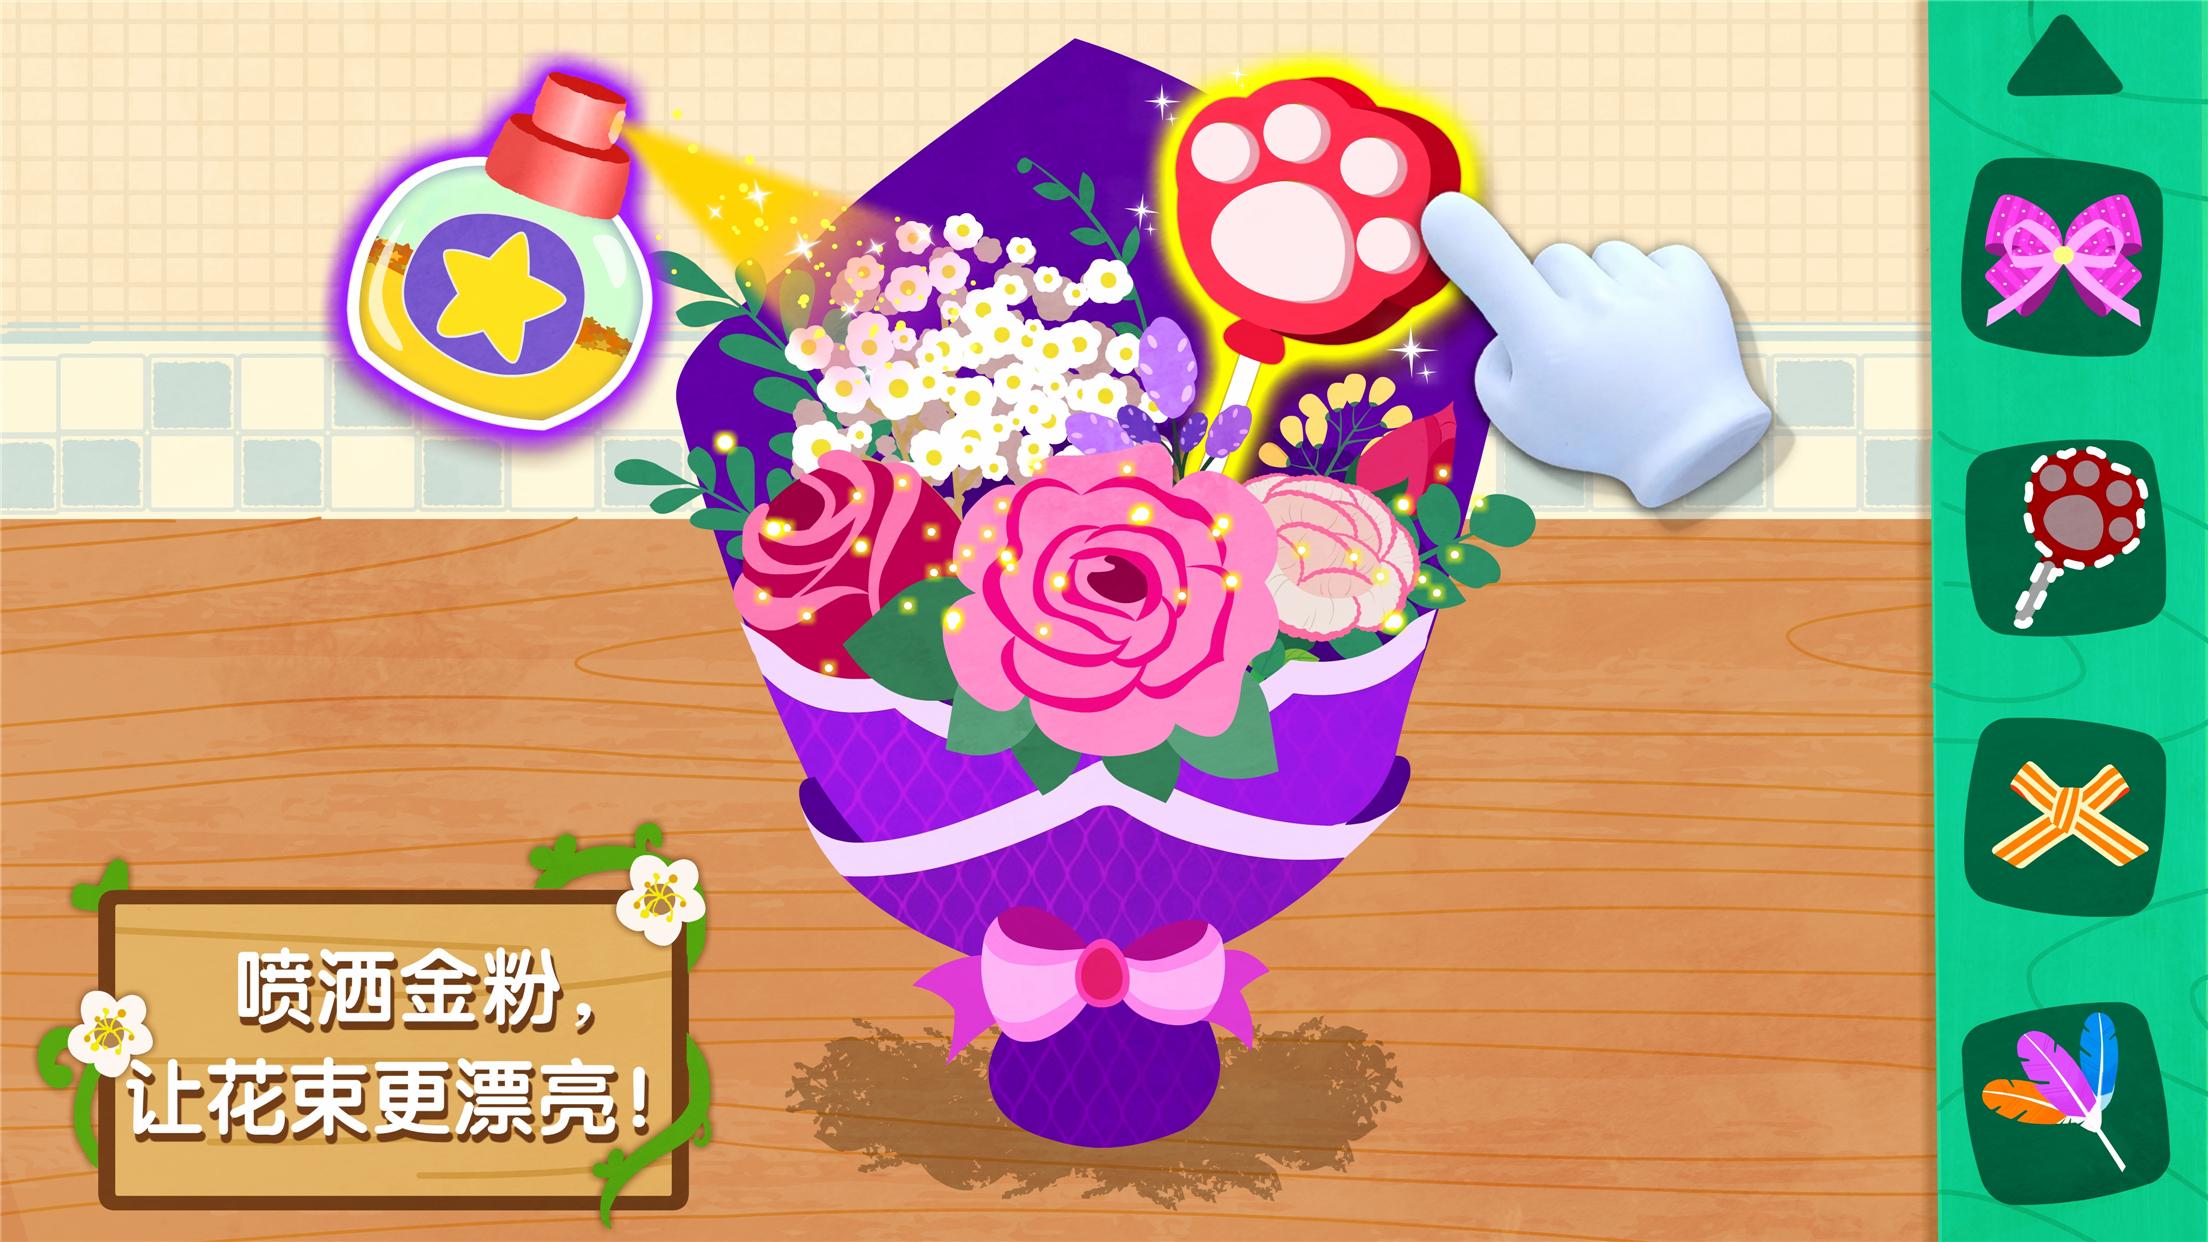 奇妙鲜花房